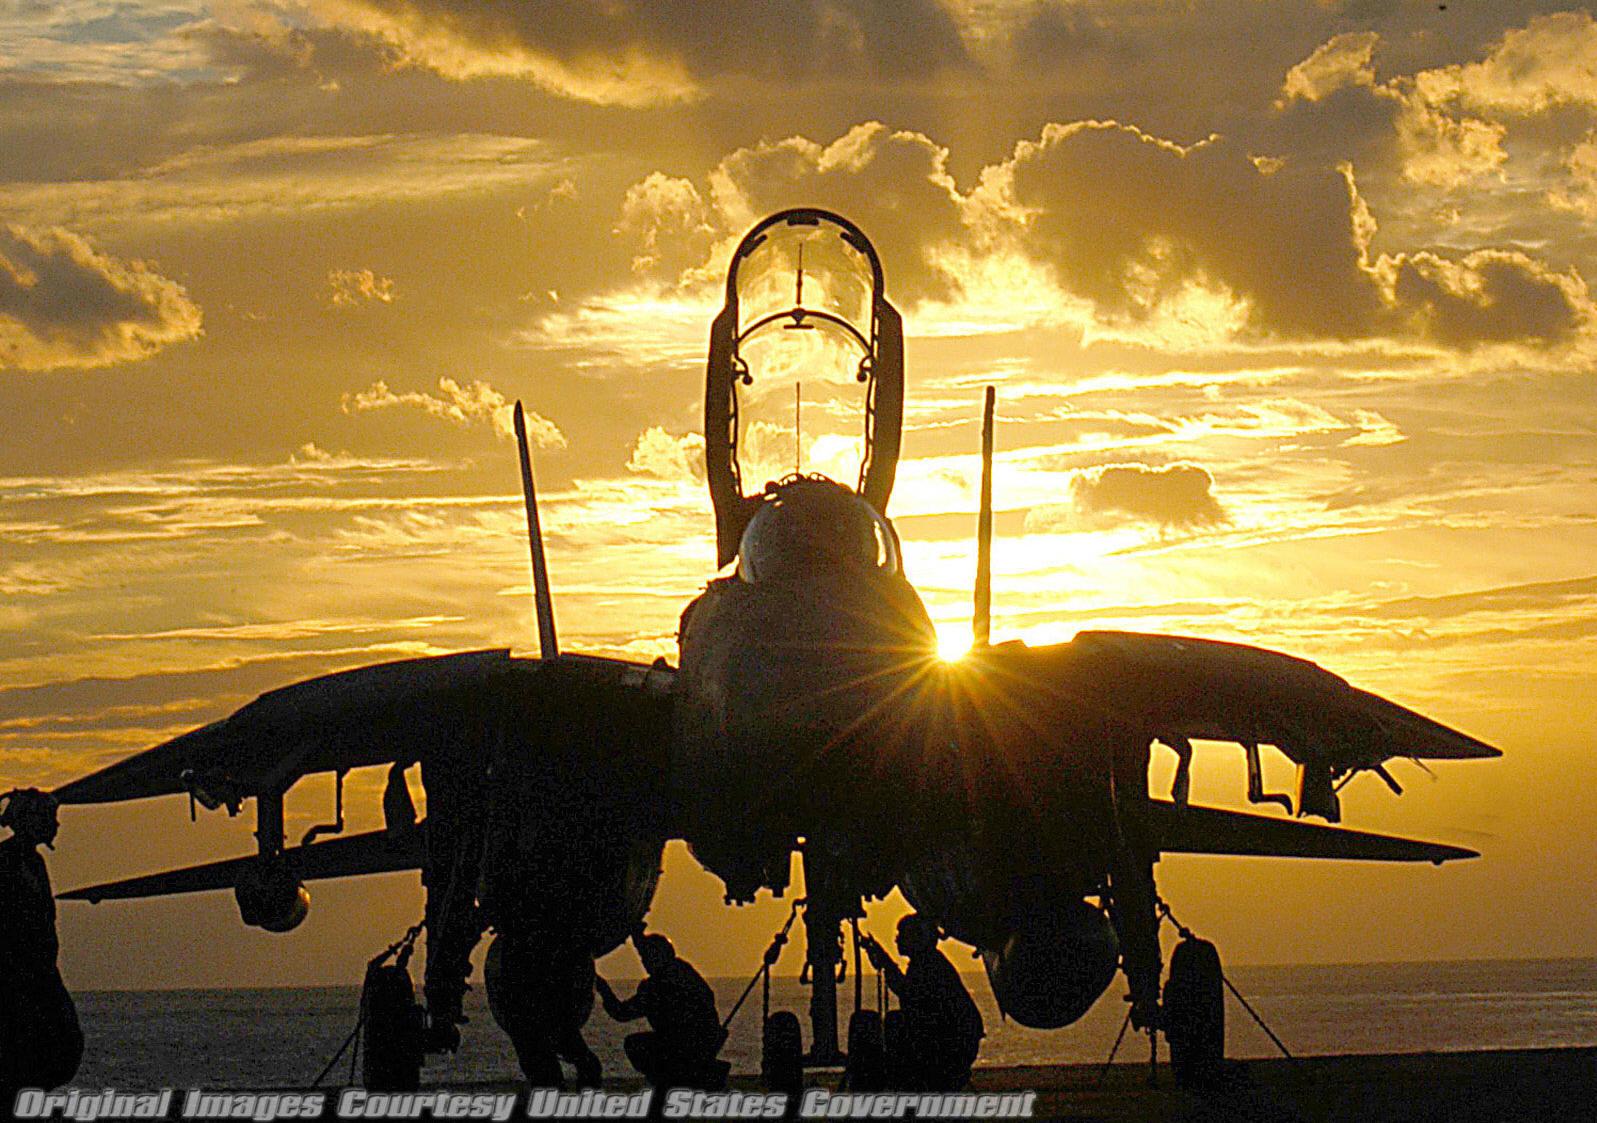 F 14 Tomcat 幻影 のブログ